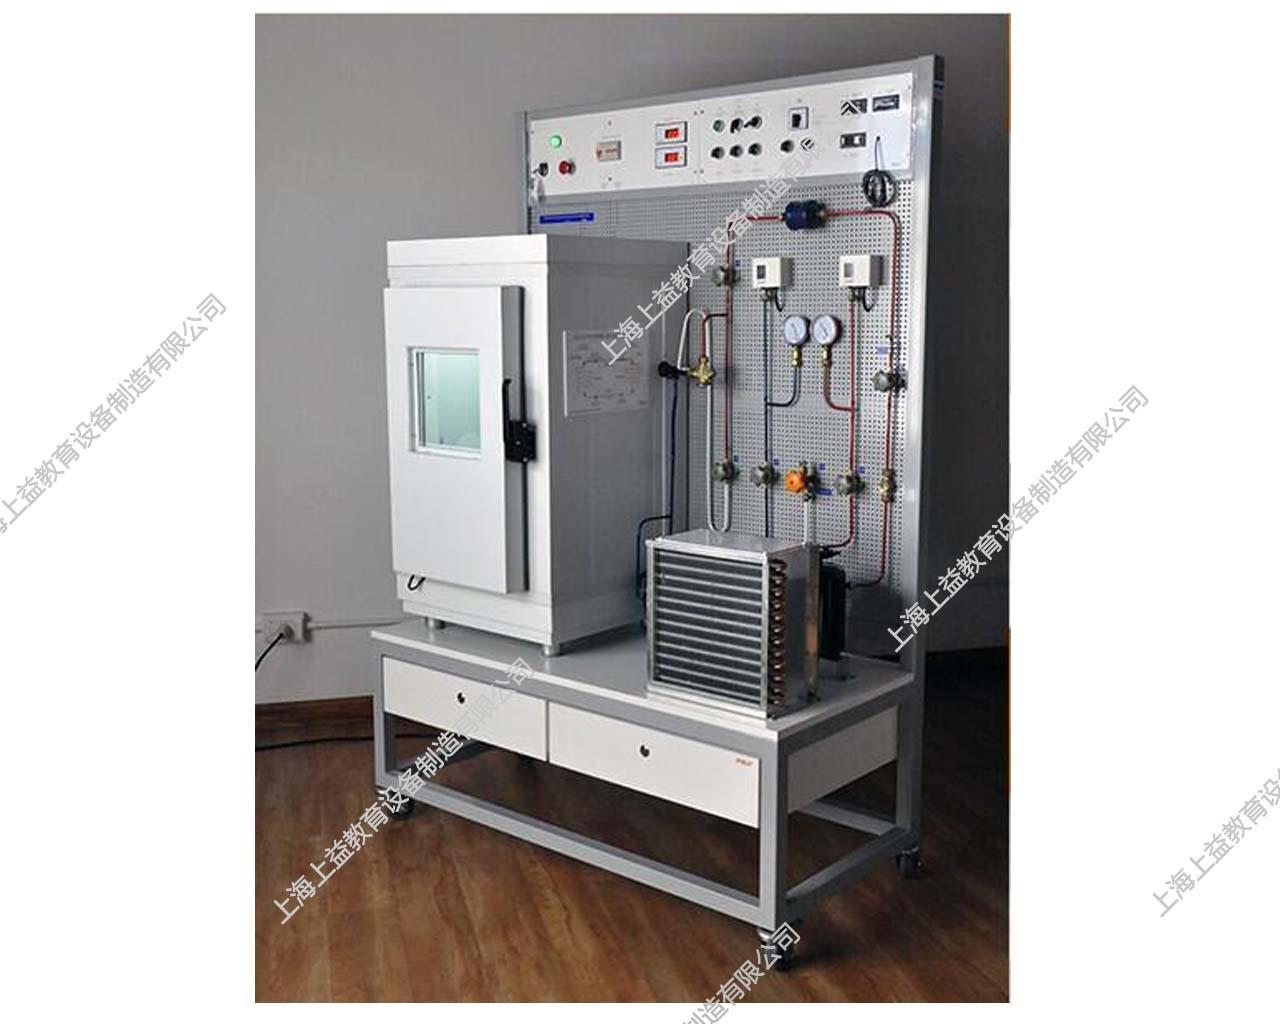 SY-SJ36型 冷链物流管道工艺与制作调试装置